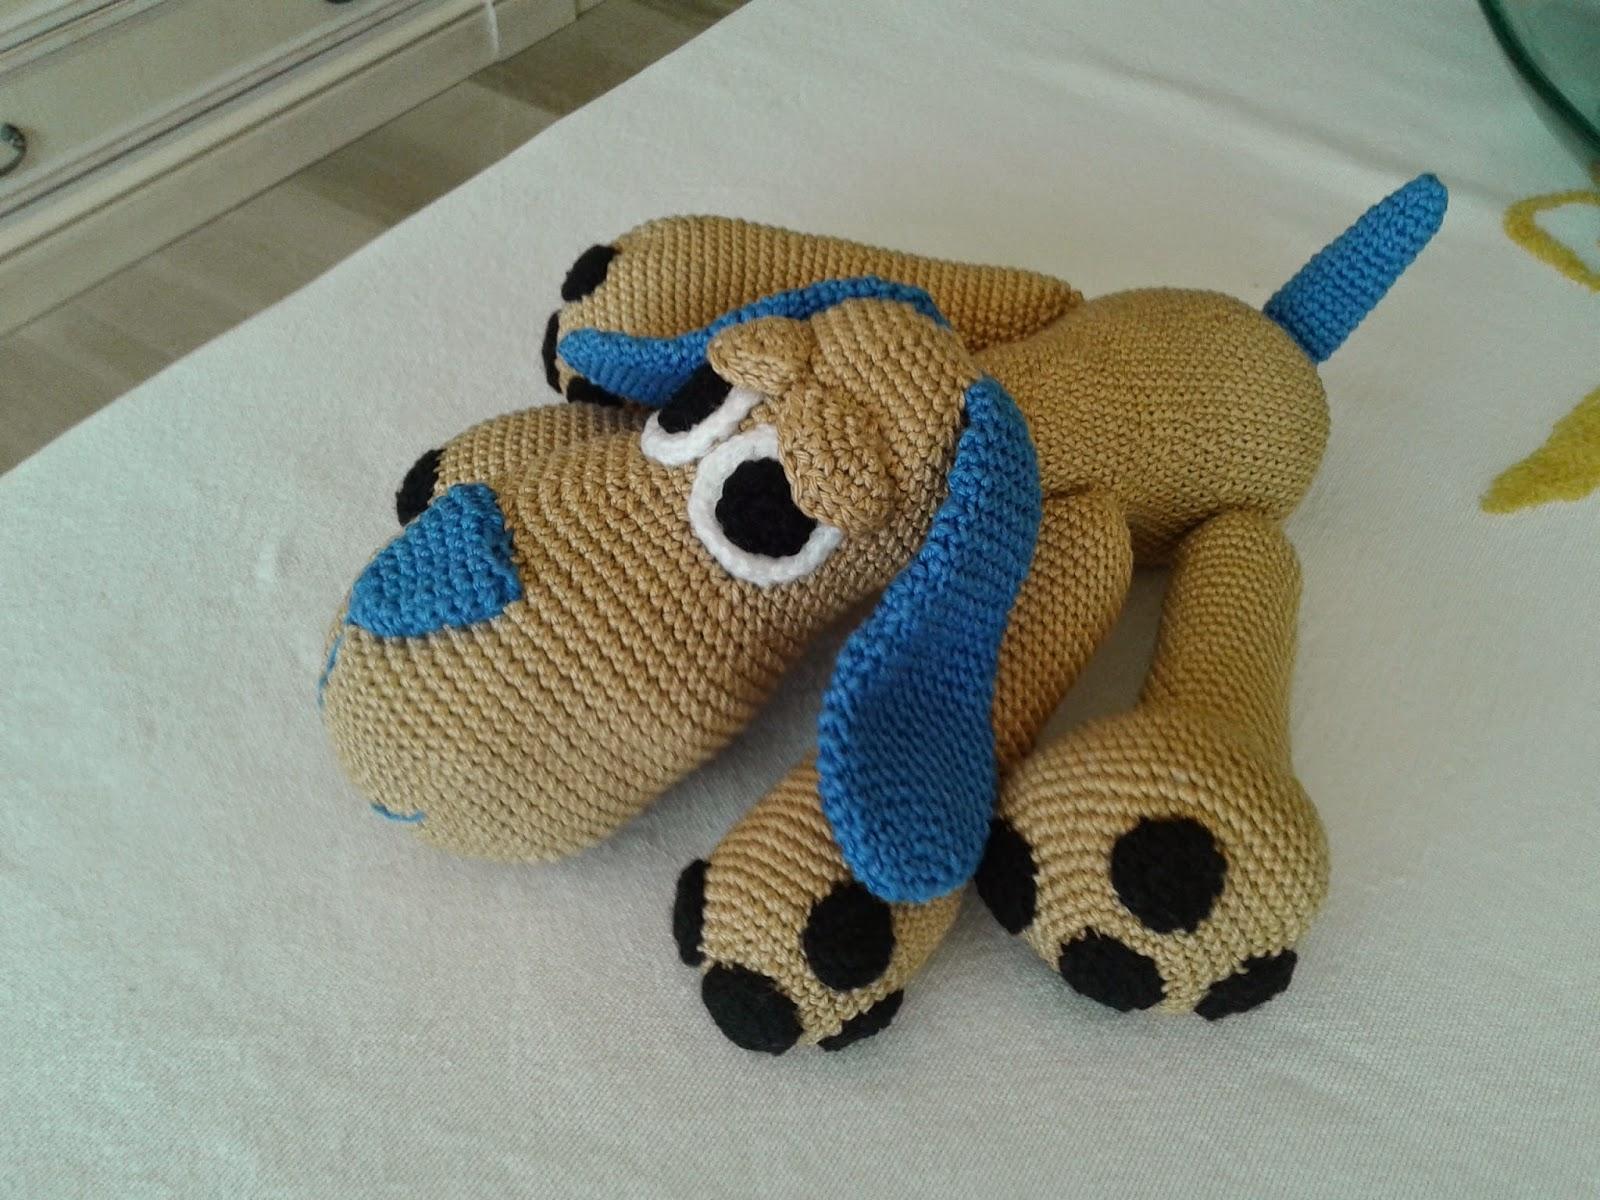 Perro Amigurumi Kawaii : LAS LABORES DE SOLE: perro amigurumi